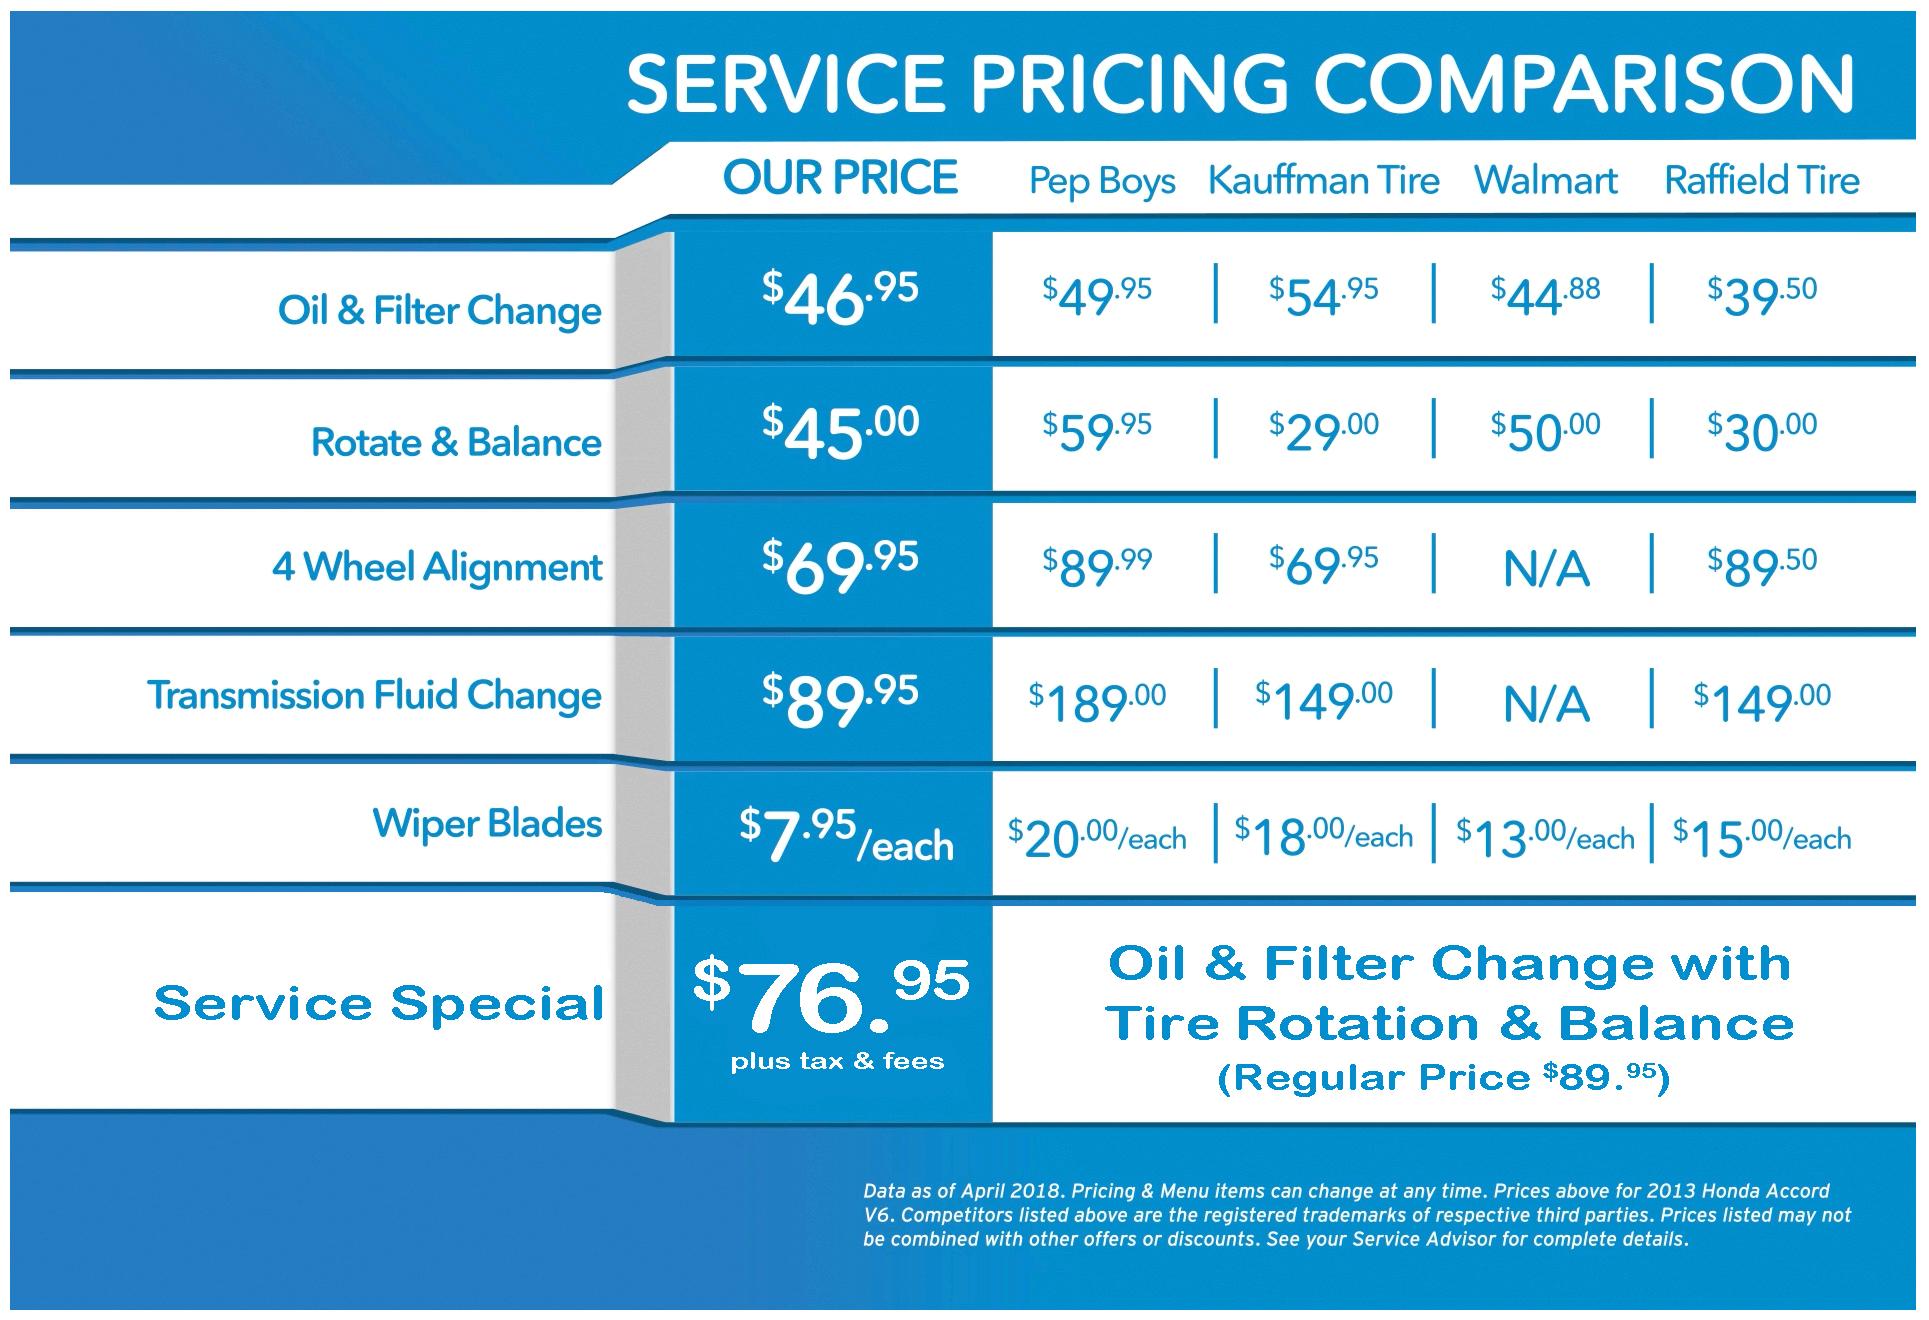 Dare to Compare Service Pricing